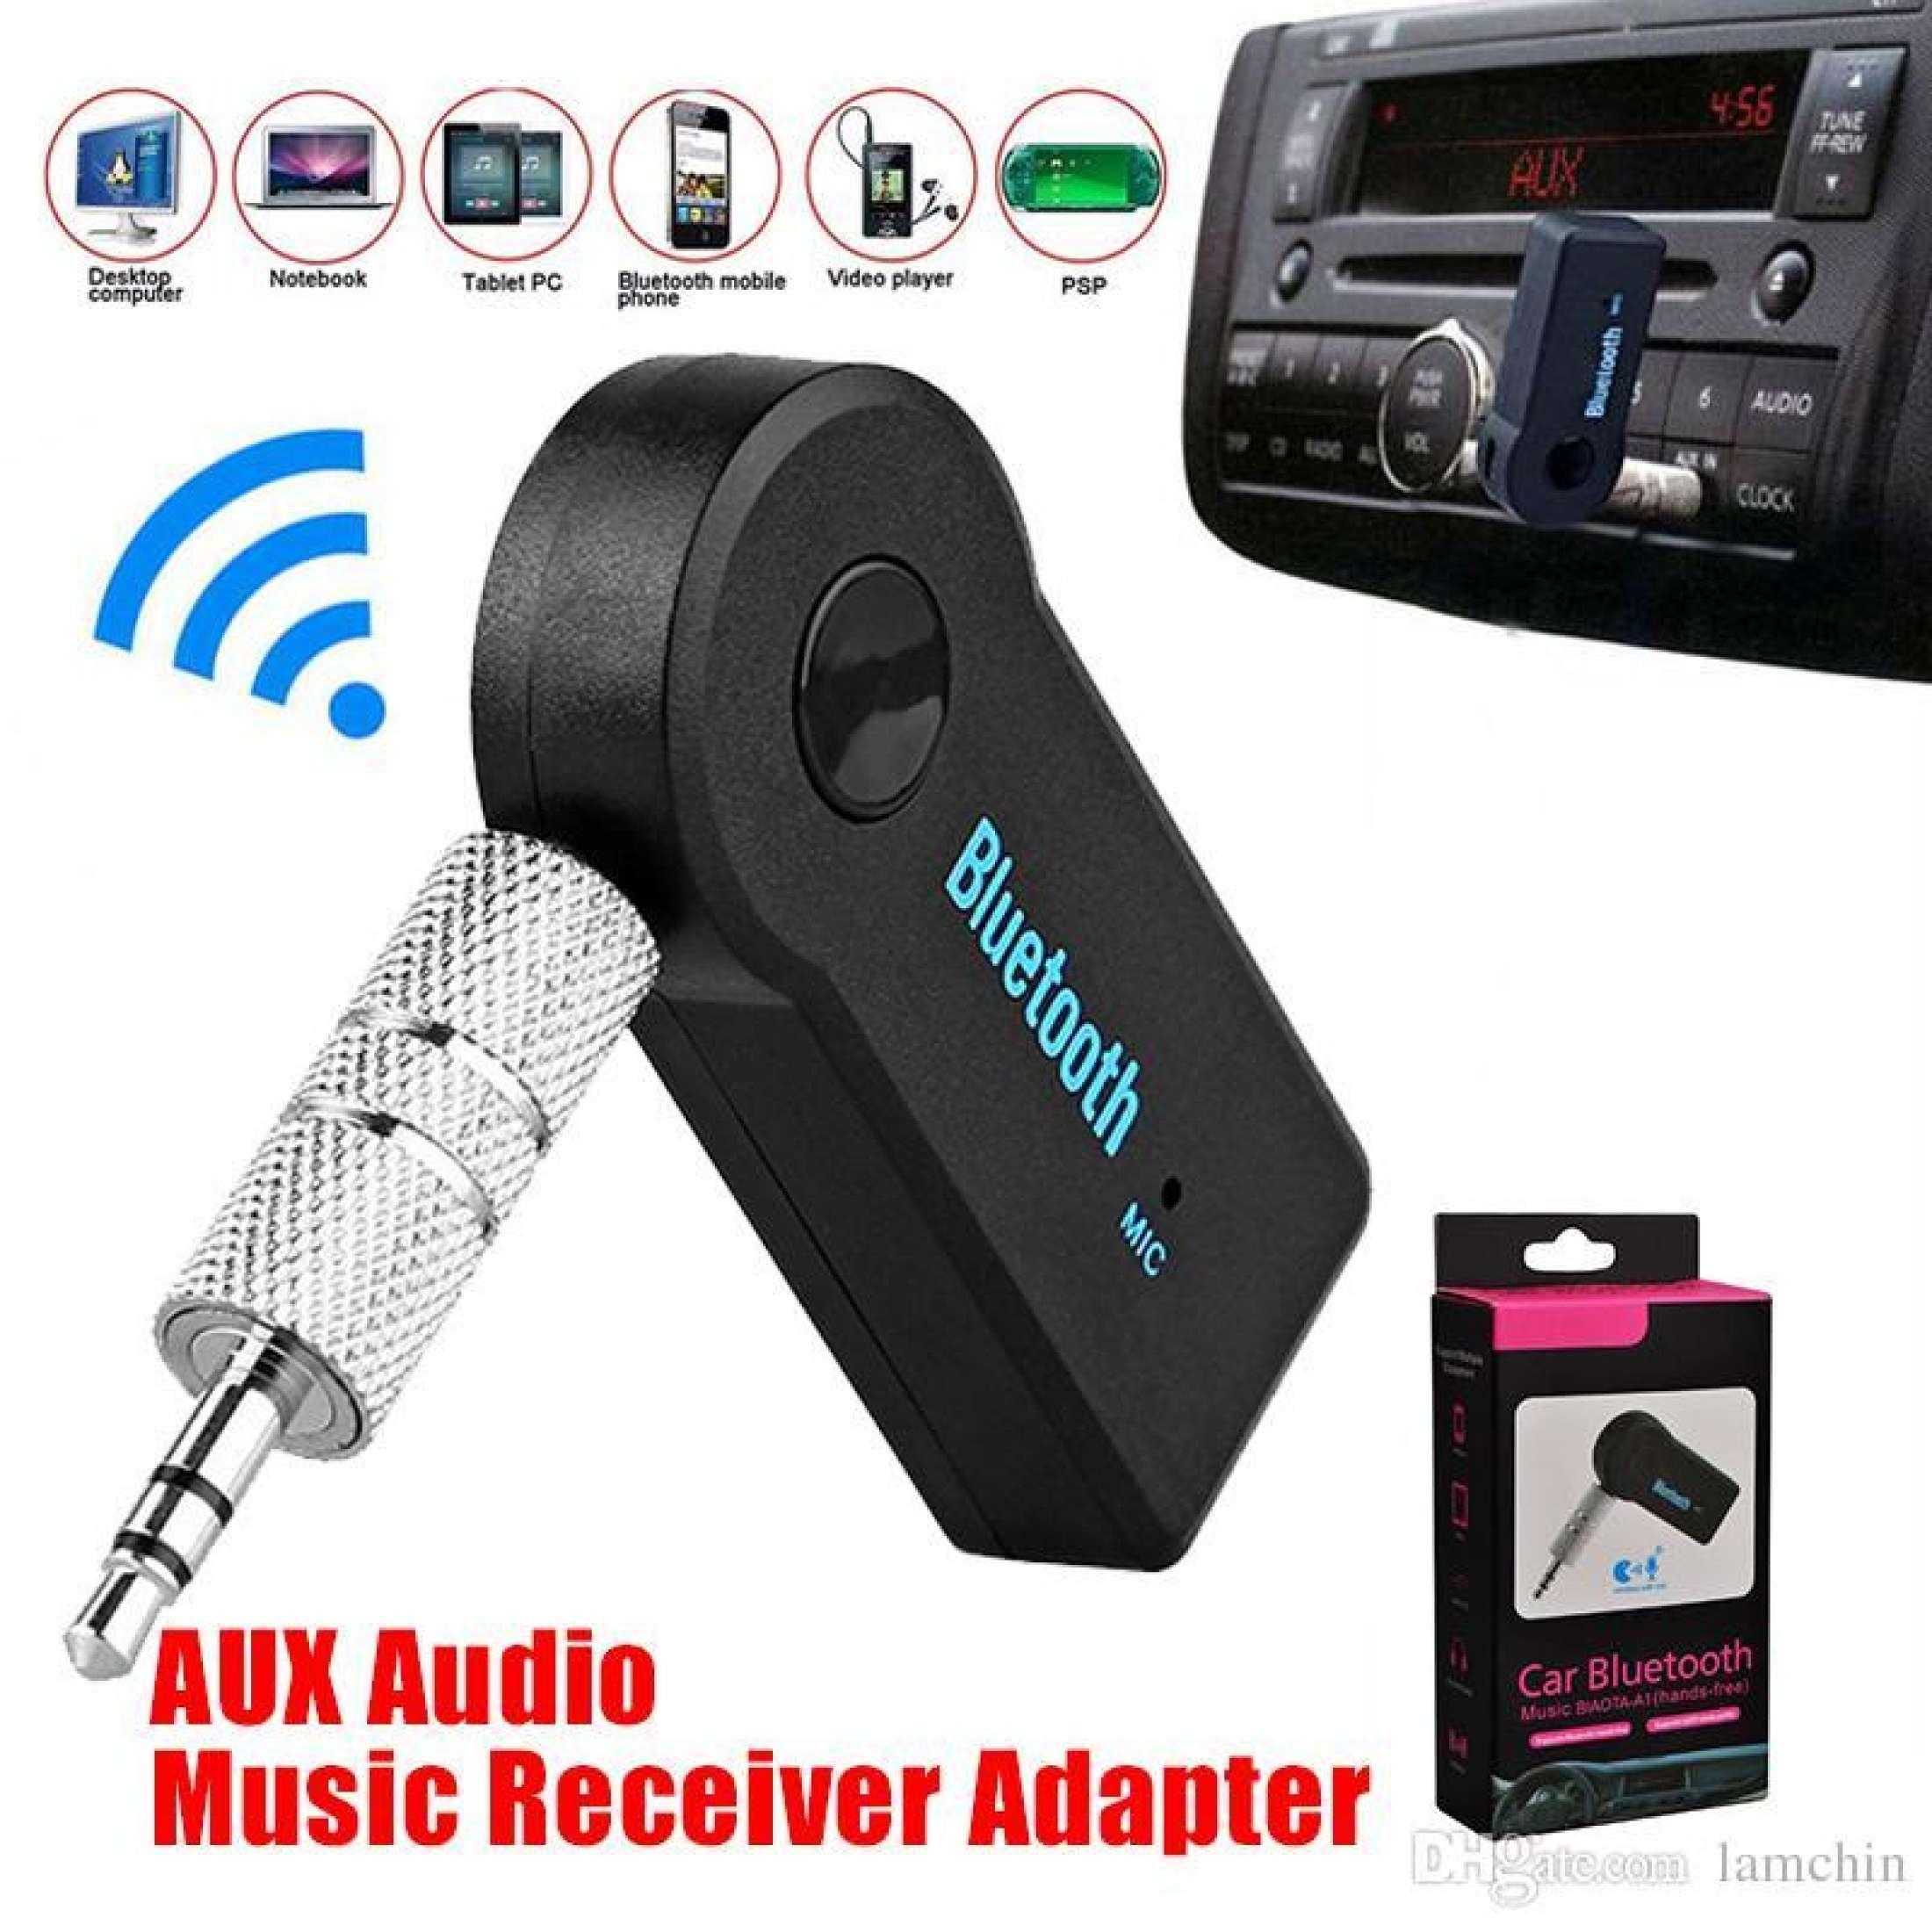 High Quality Bluetooth Audio Car Receiver - Black